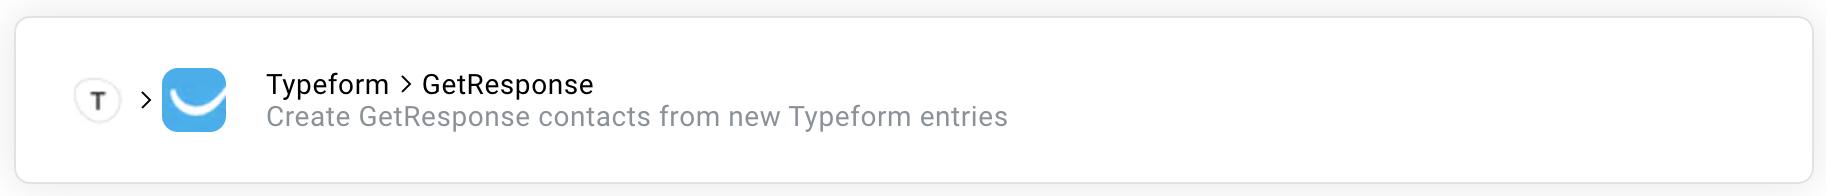 typeform getresponse zap.